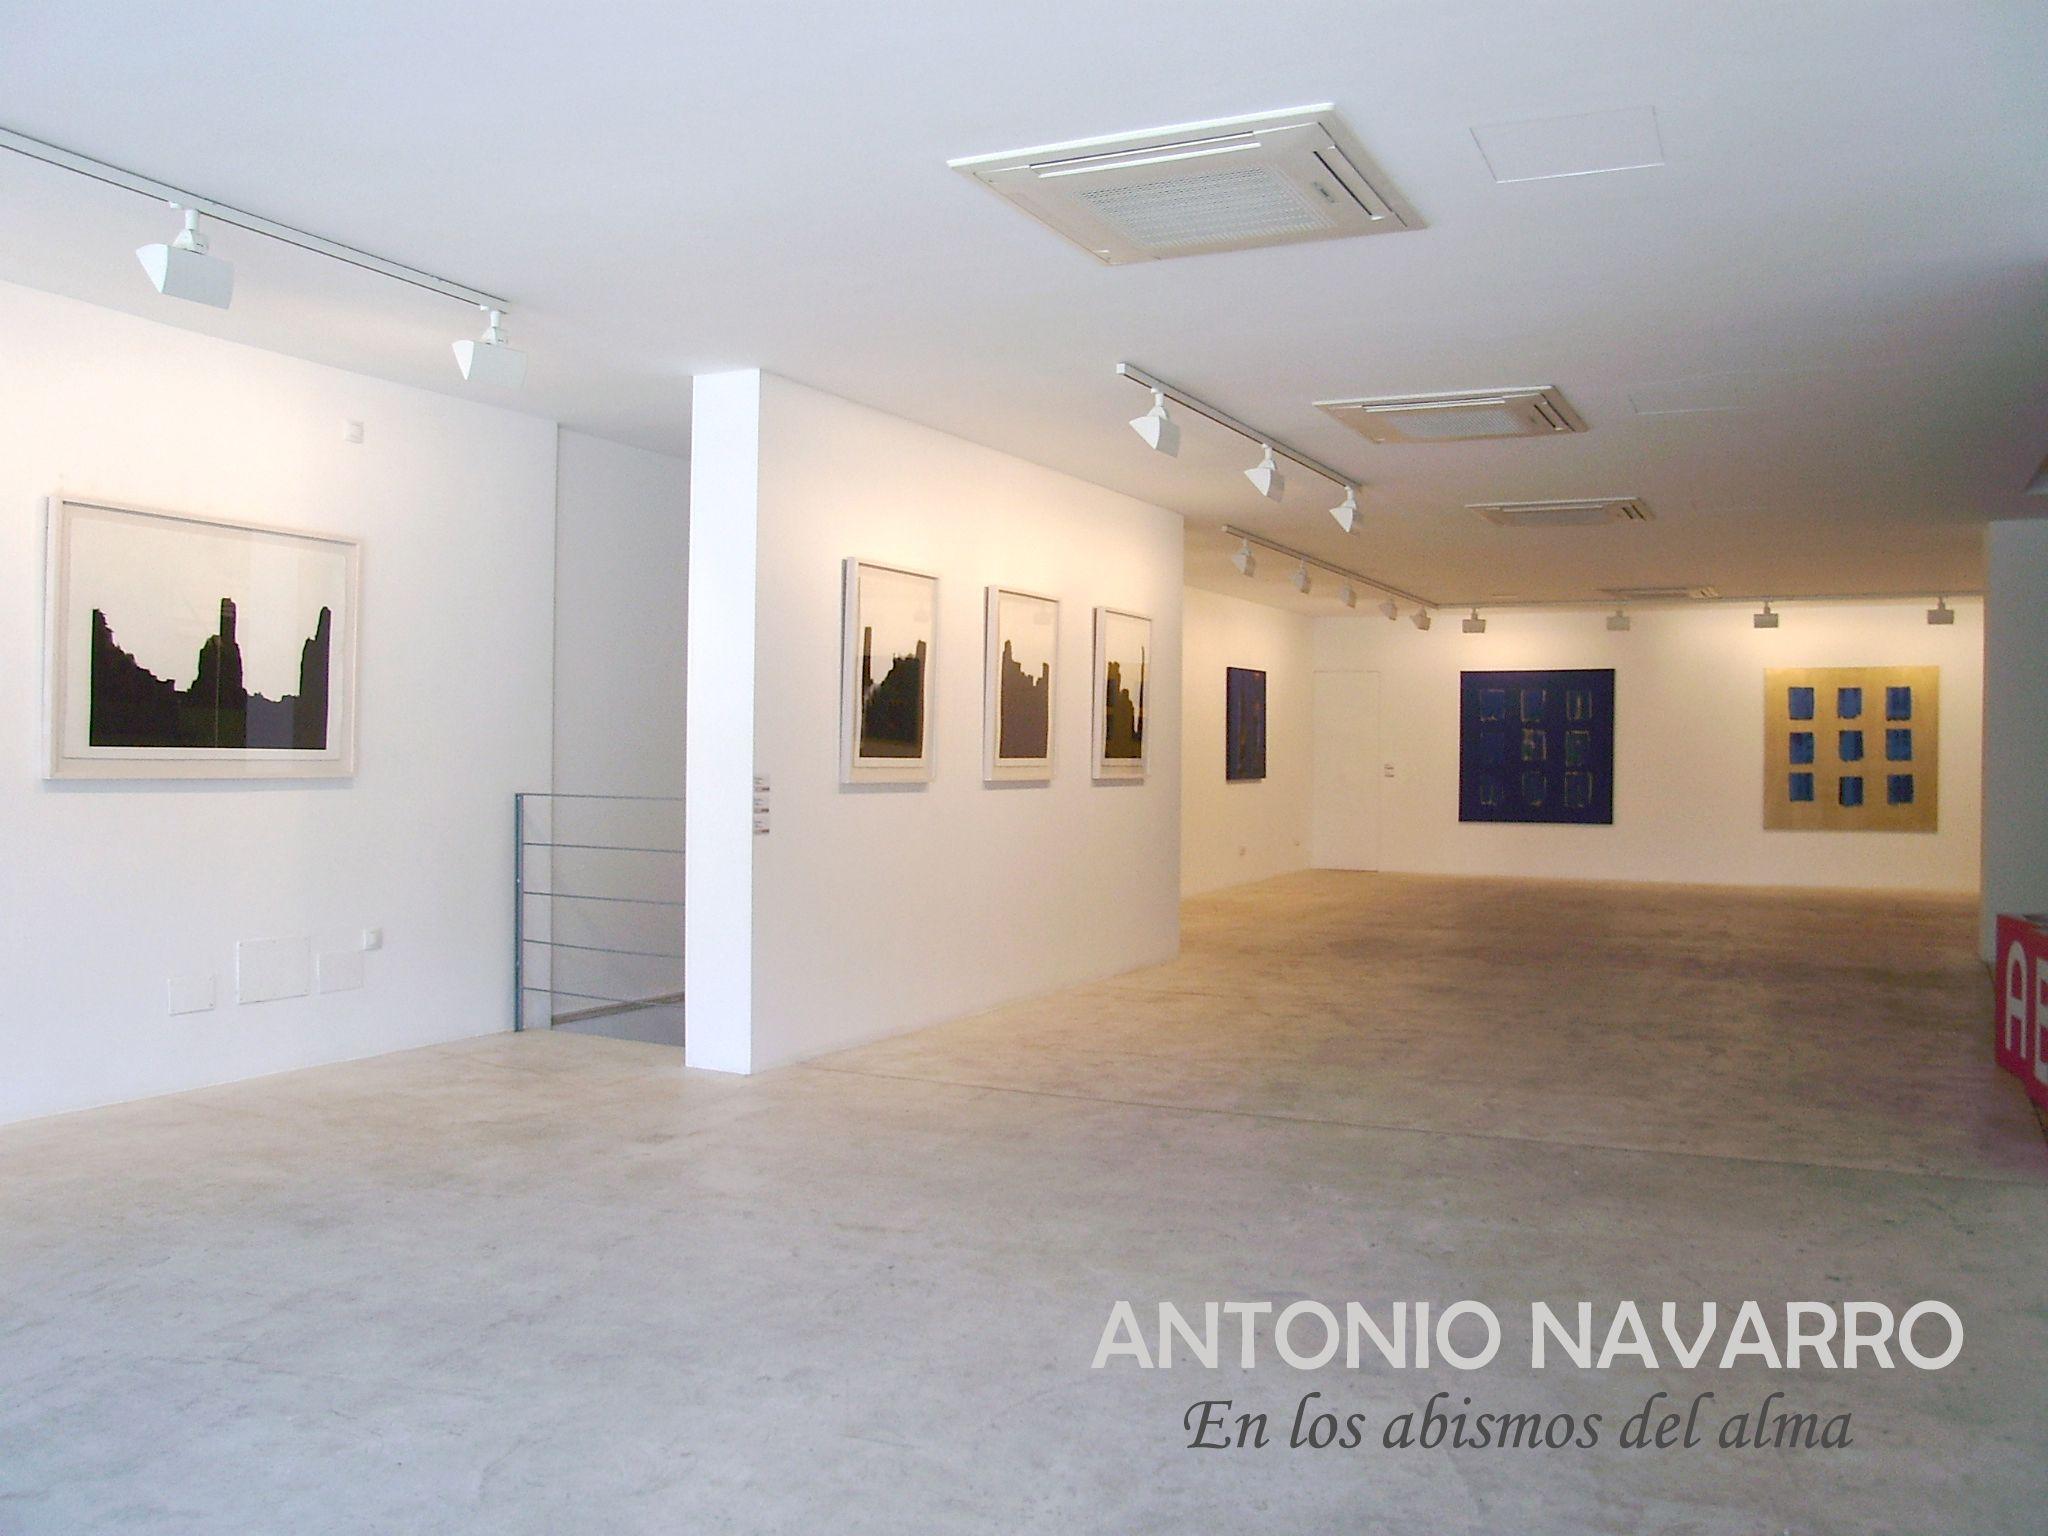 Exposición EN LOS ABISMOS DEL ALMA de ANTONIO NAVARRO (2006)